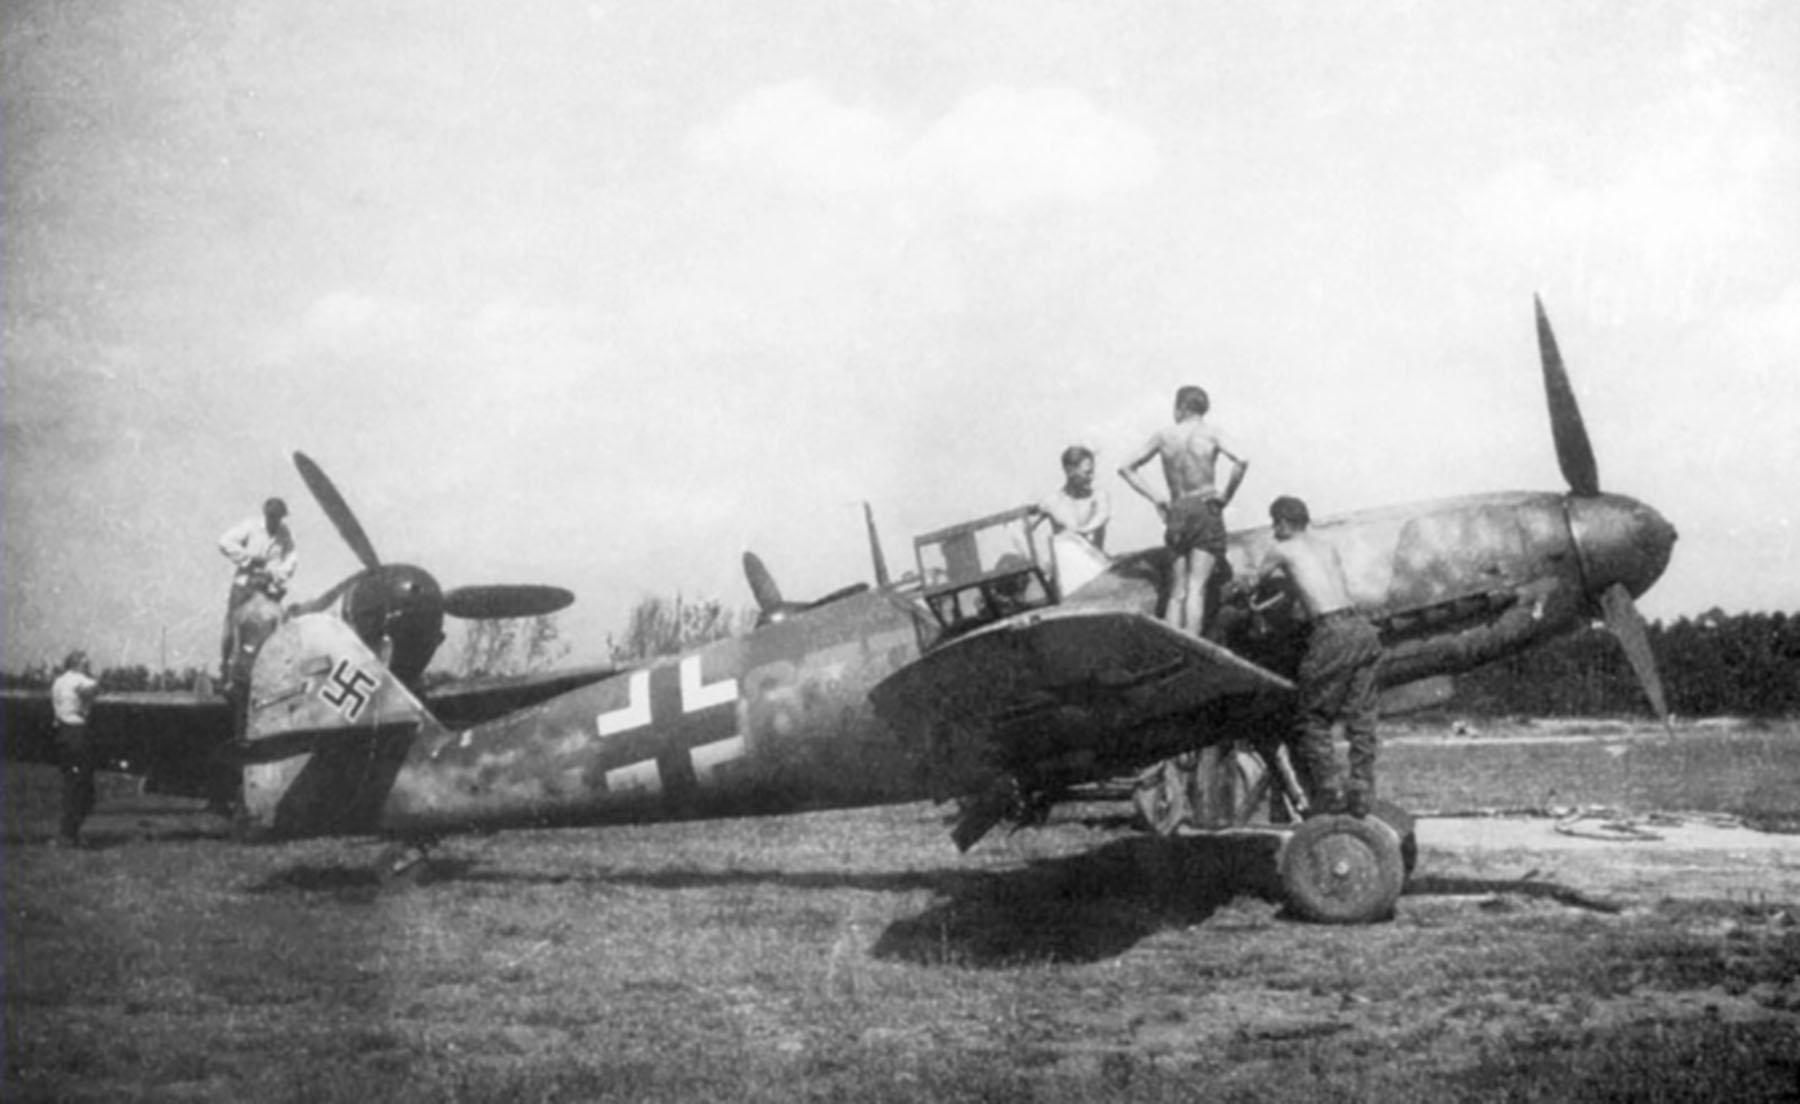 Messerschmitt Bf 109G6 Reichsverteidigung Blue 677 unknown unit and pilot 1944 01